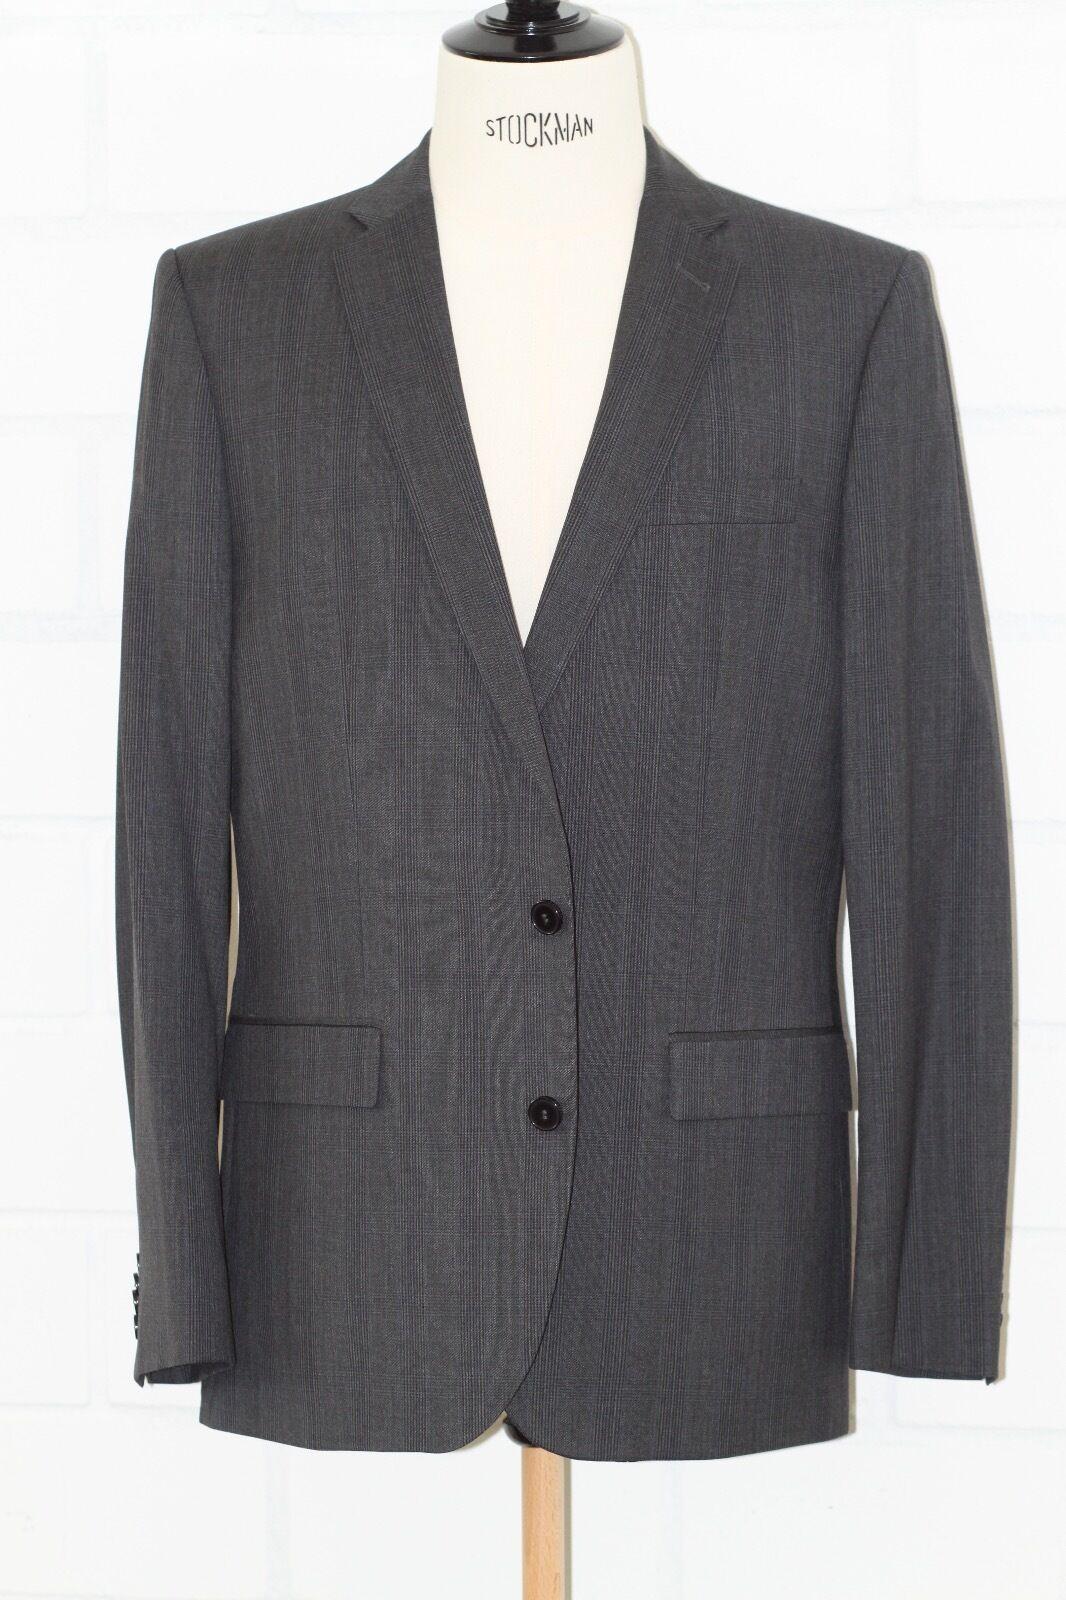 Herrenanzug Luxus Designer J.LINDEBERG Gr. 52 Neu Grau Schurwolle handmade